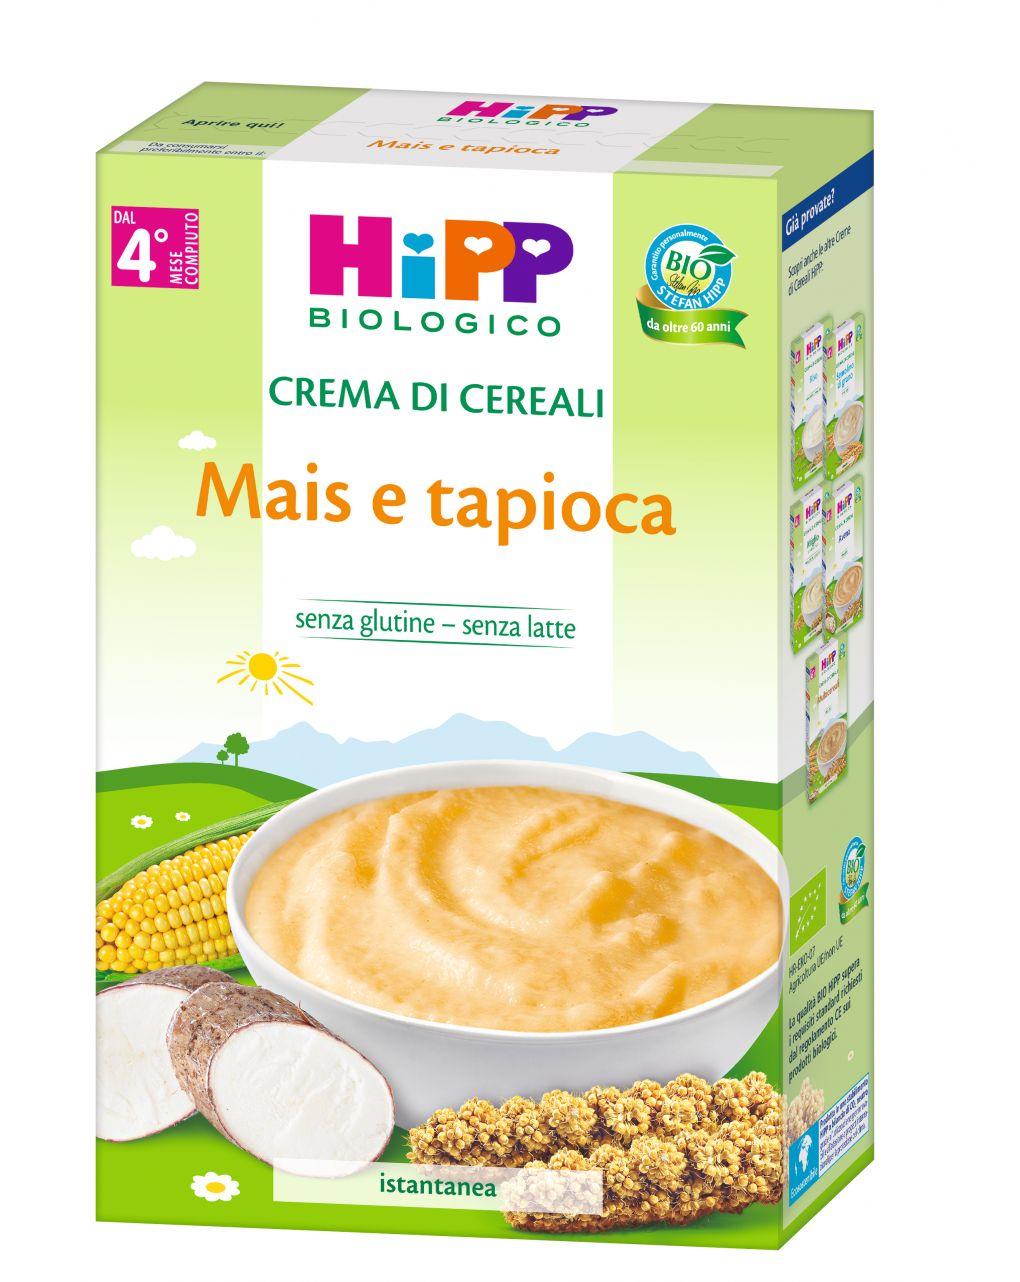 Hipp - crema mais e tapioca 200g - Hipp